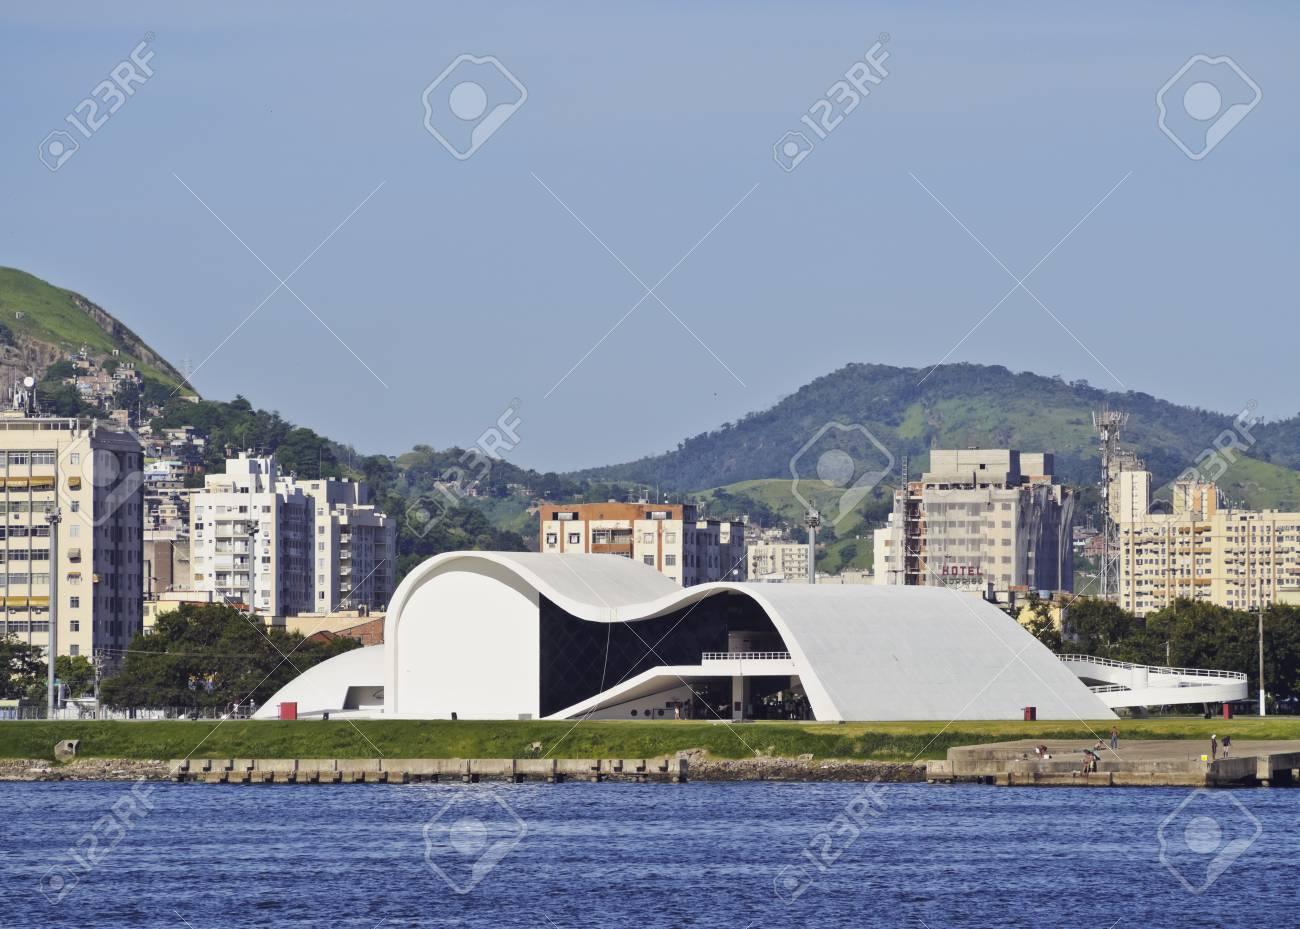 9f5ac2d6e Brazil, State of Rio de Janeiro, Niteroi, Caminho Niemeyer and Teatro  Popular Oscar